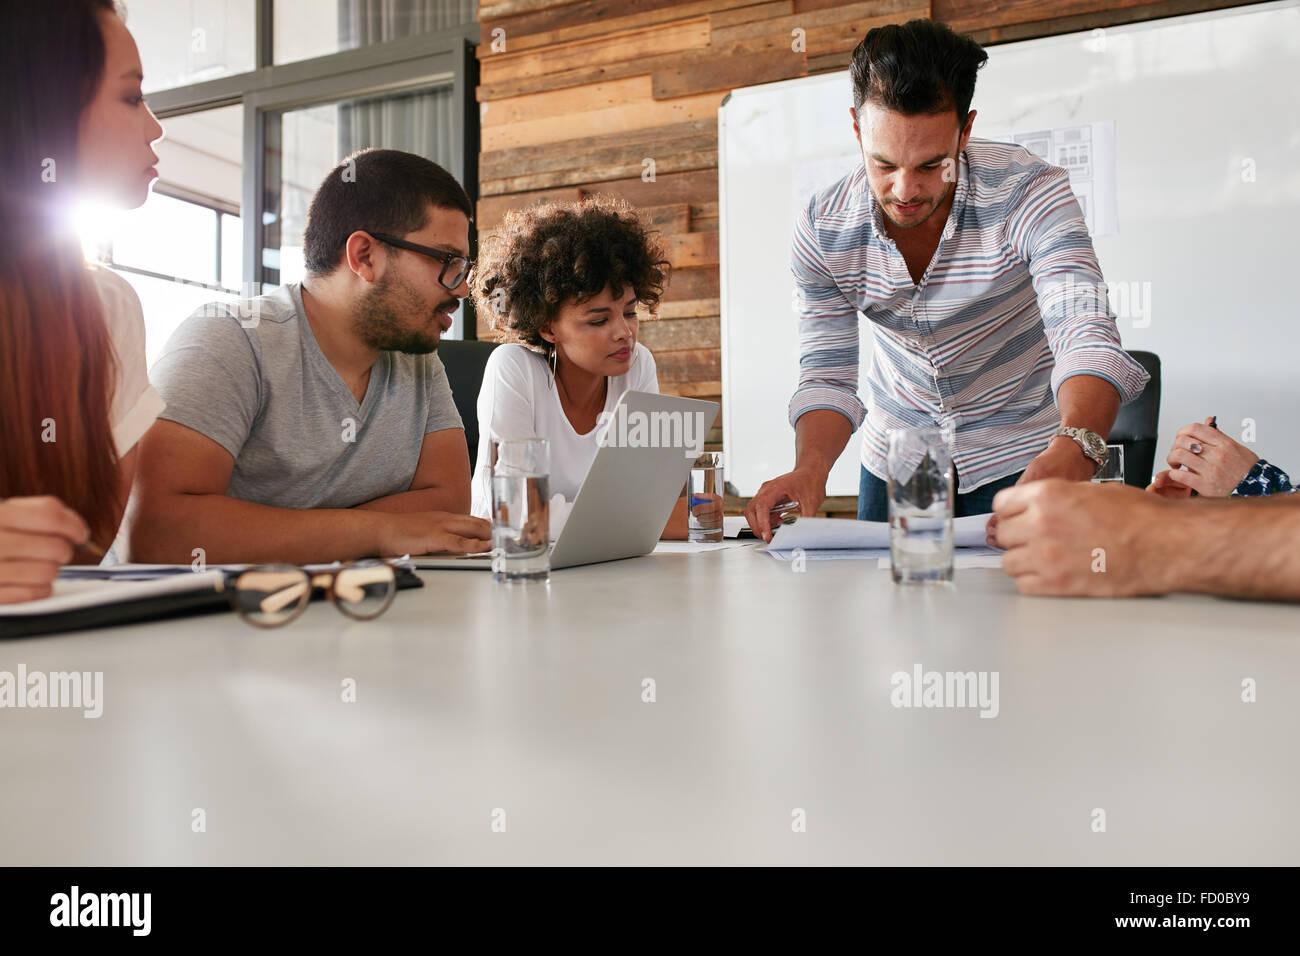 Joven presentando ideas a sus colegas durante la reunión en la sala de conferencias. Plan de negocios líder Imagen De Stock